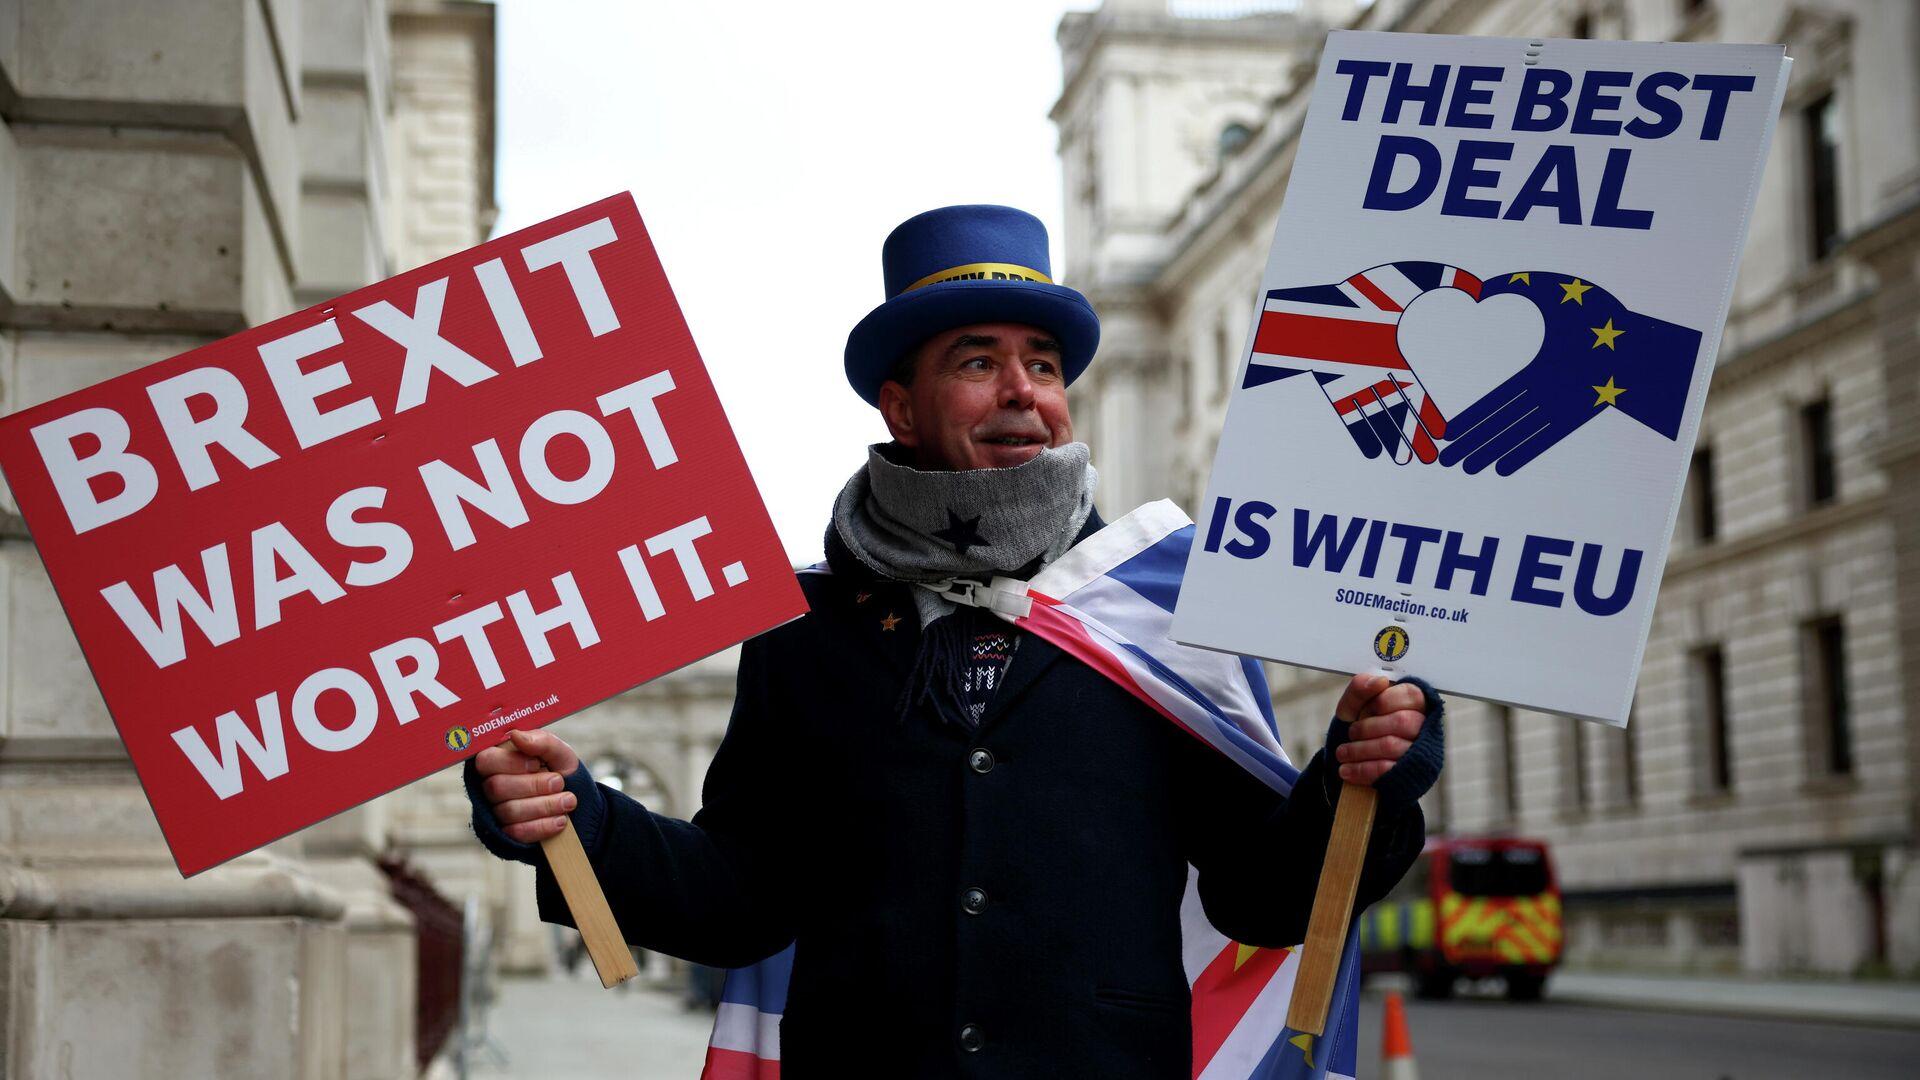 Участник акции протеста против Brexit перед Министерством иностранных дел в Лондоне - РИА Новости, 1920, 24.12.2020